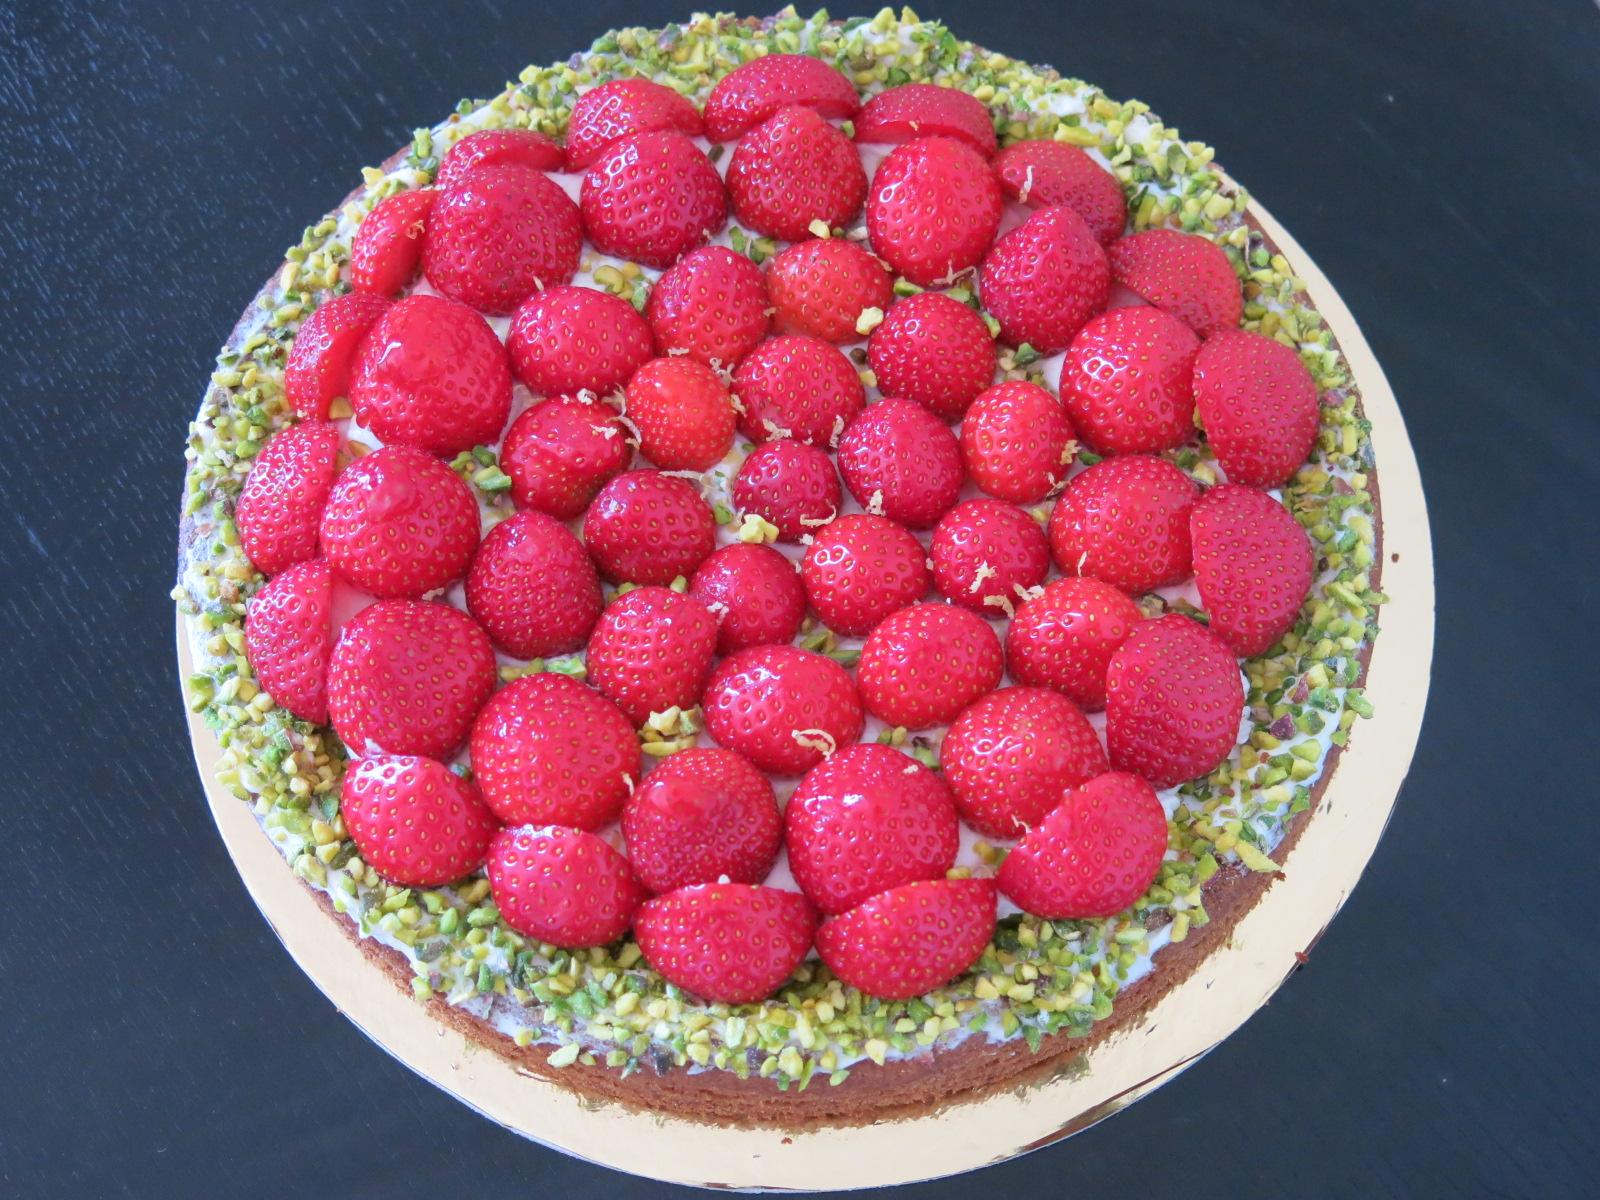 Tarte aux fraises : Sablé breton, crème légère et pistaches concassées